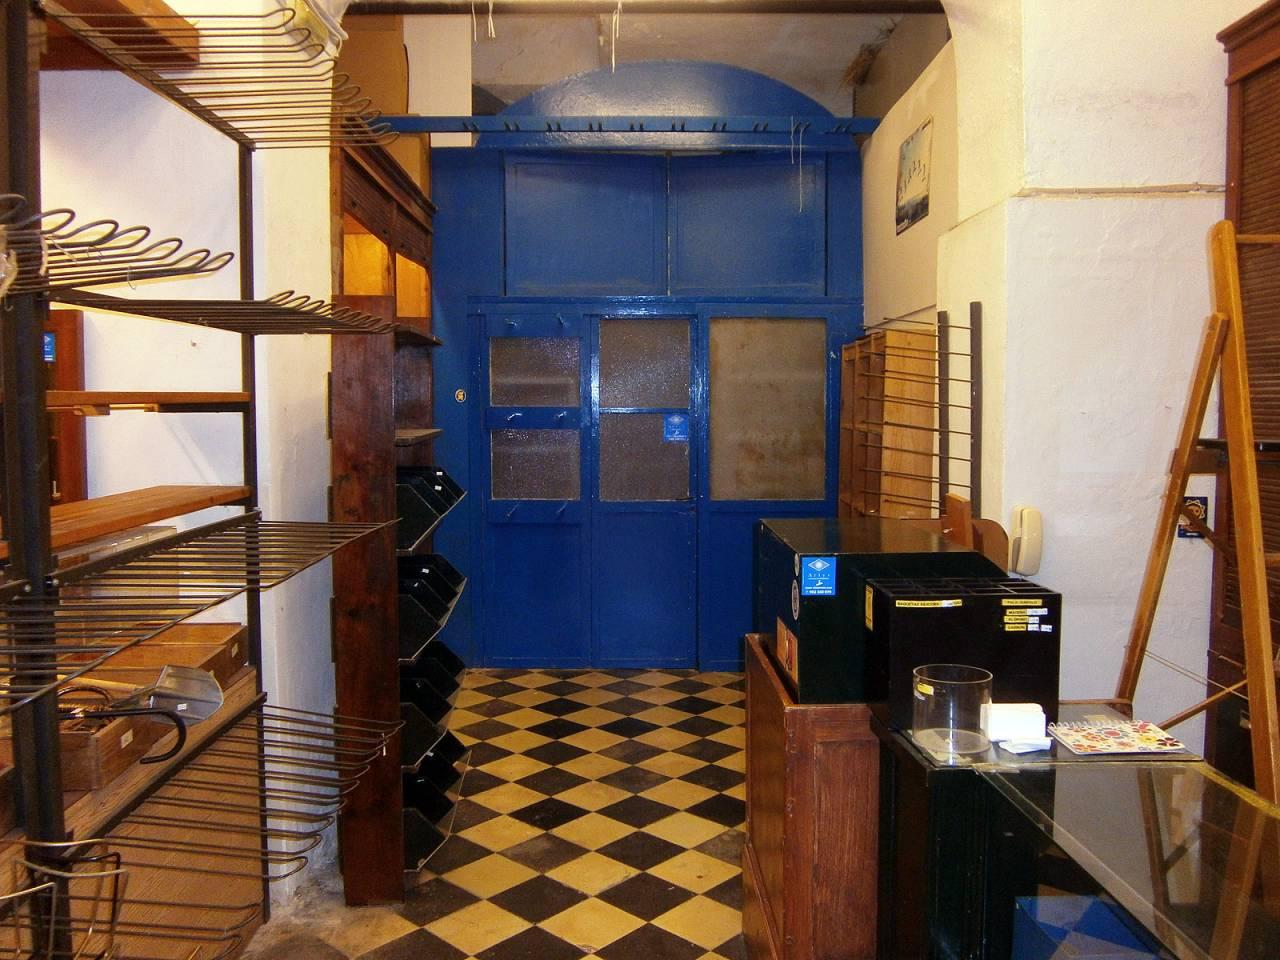 Lieux commerciaux à louer El Barri Gòtic (Barcelona Capital)